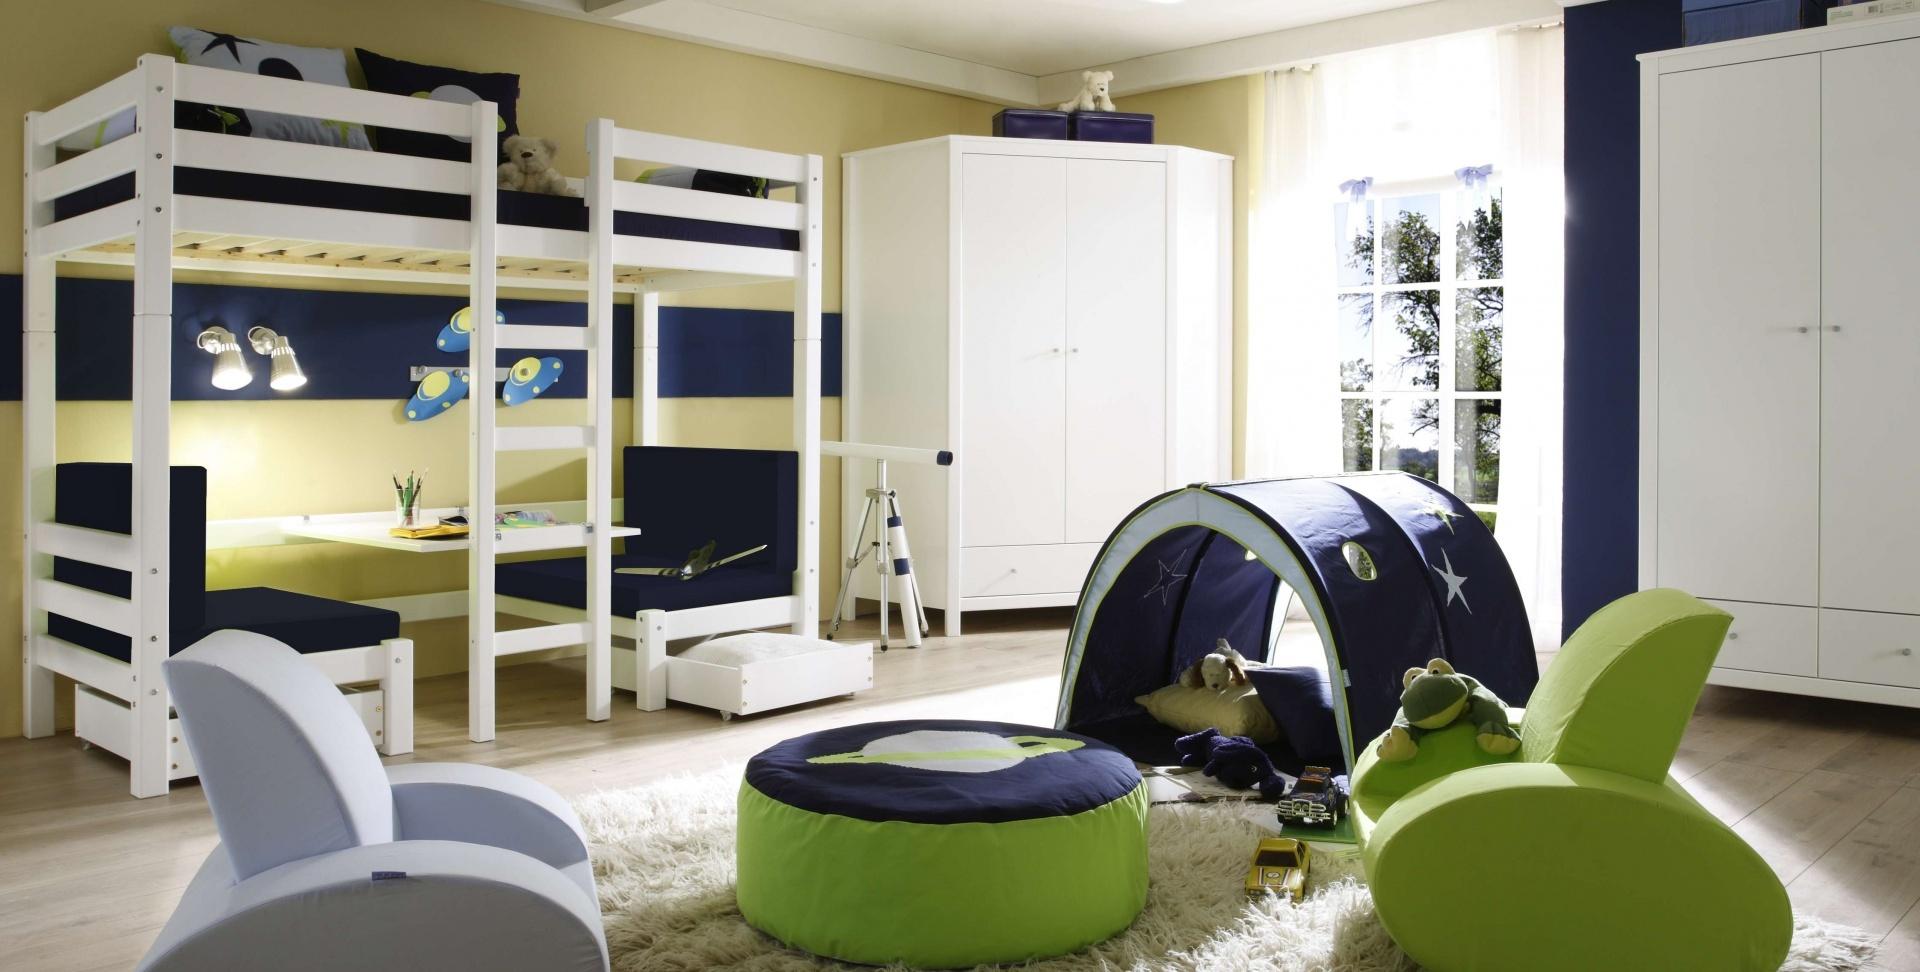 Wie richte ich ein Kinderzimmer ein? | homegate.ch